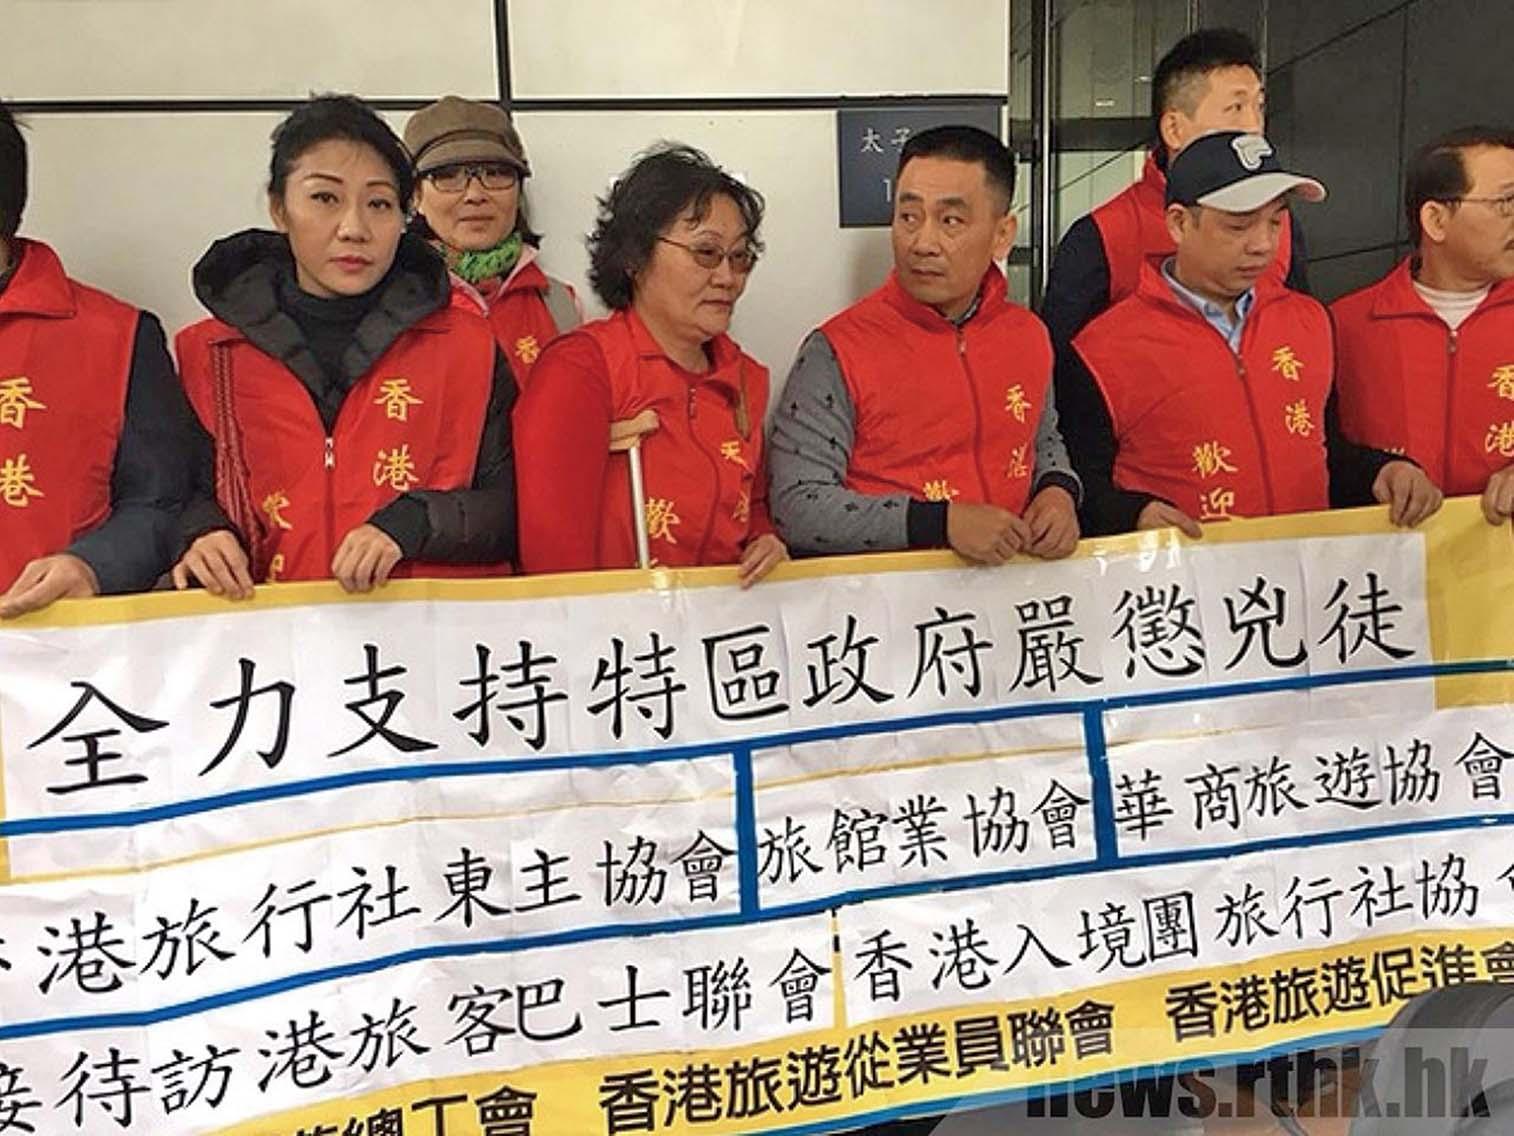 學民思潮成員被控暴動罪